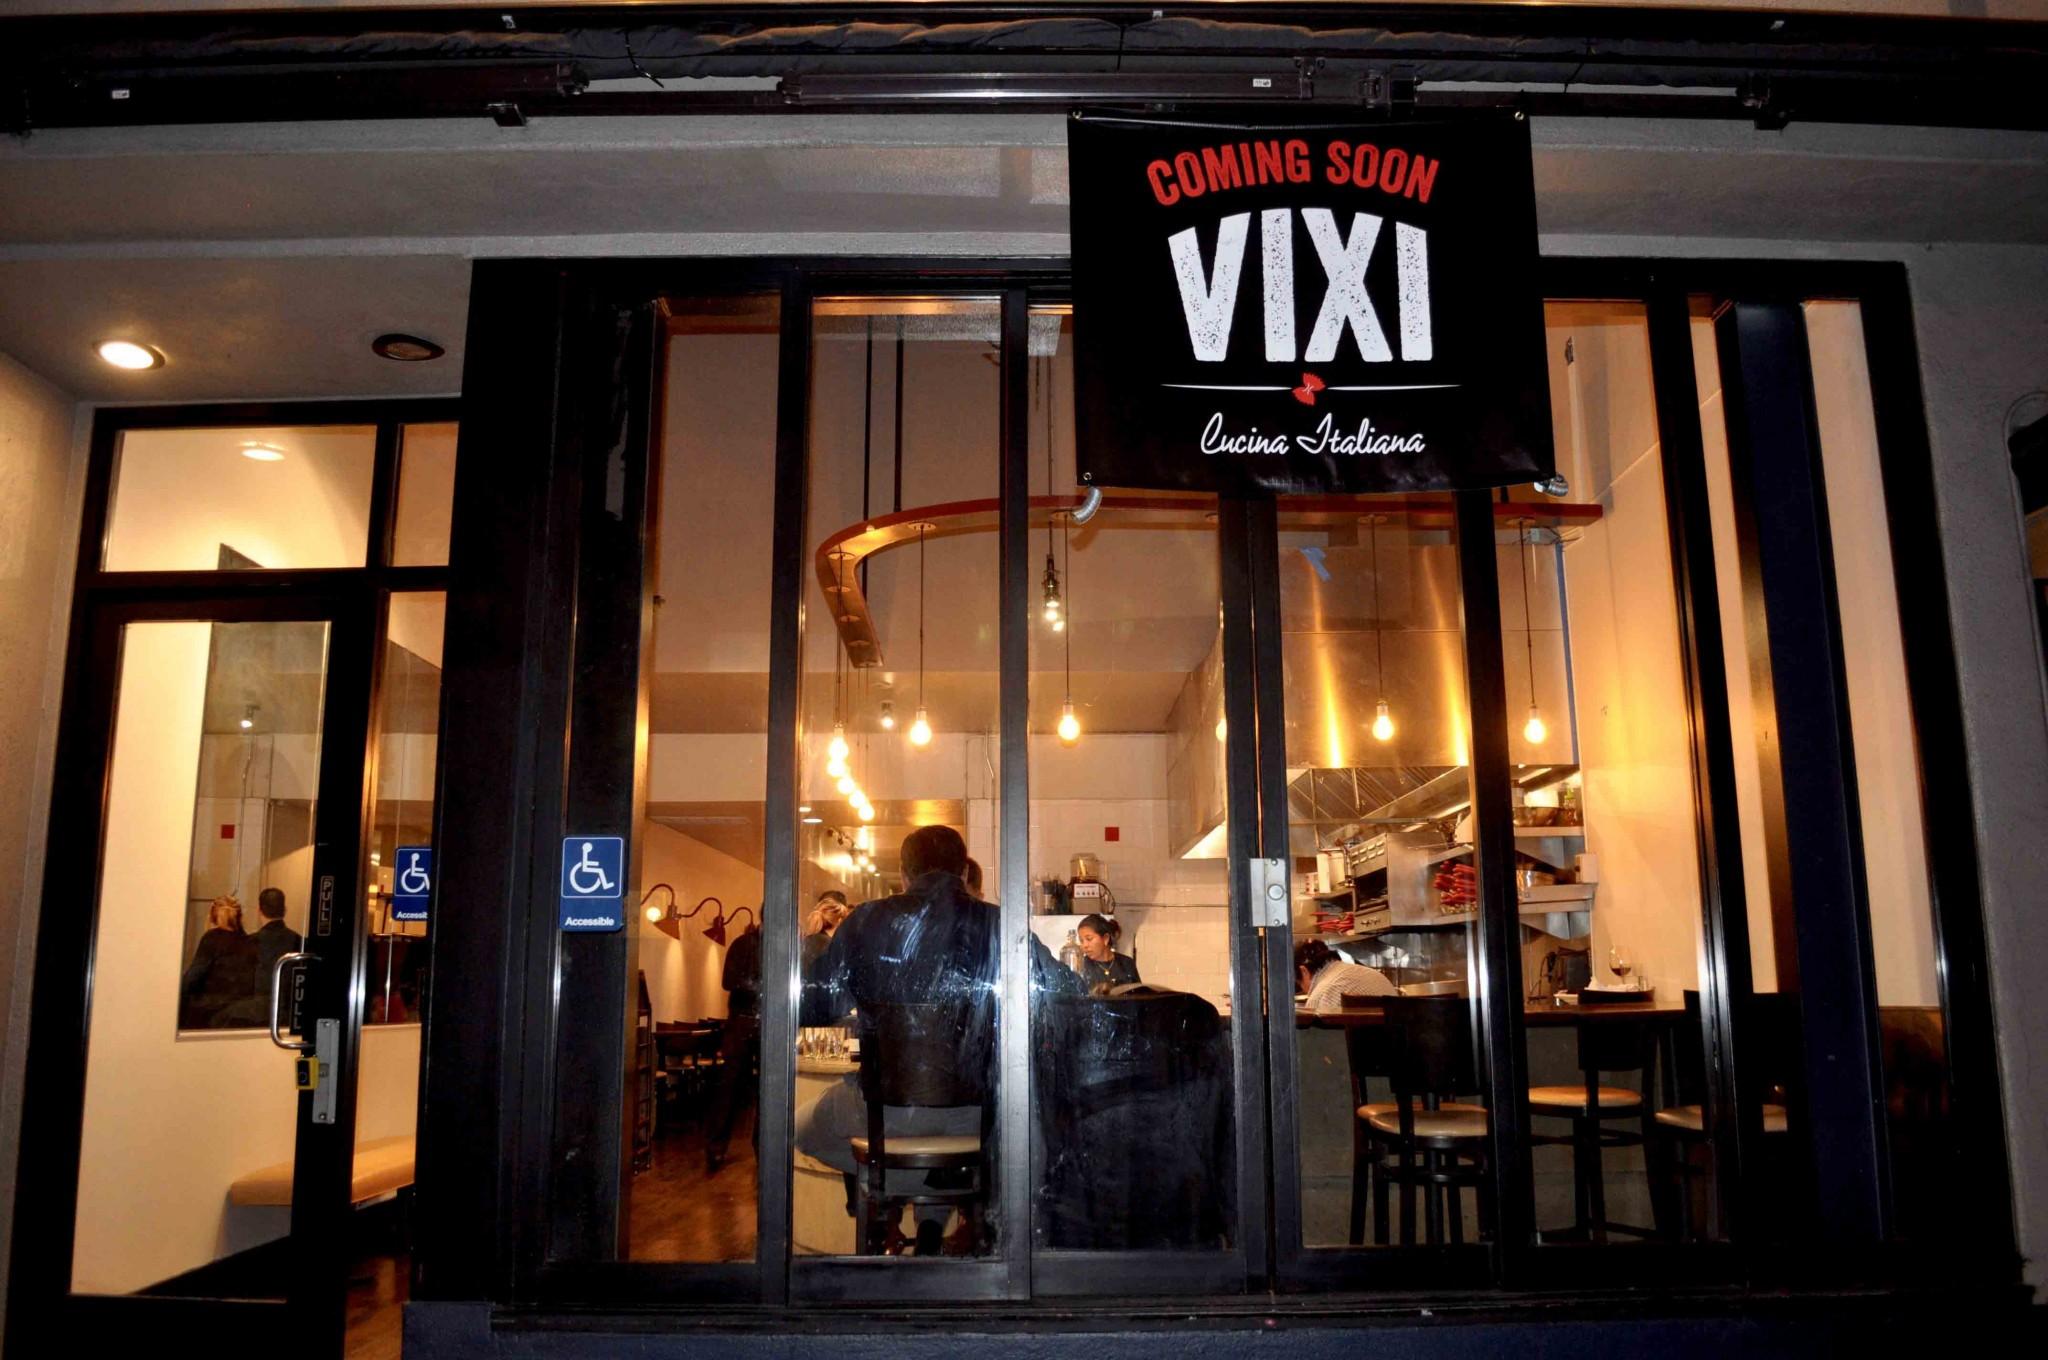 Vixi Opening